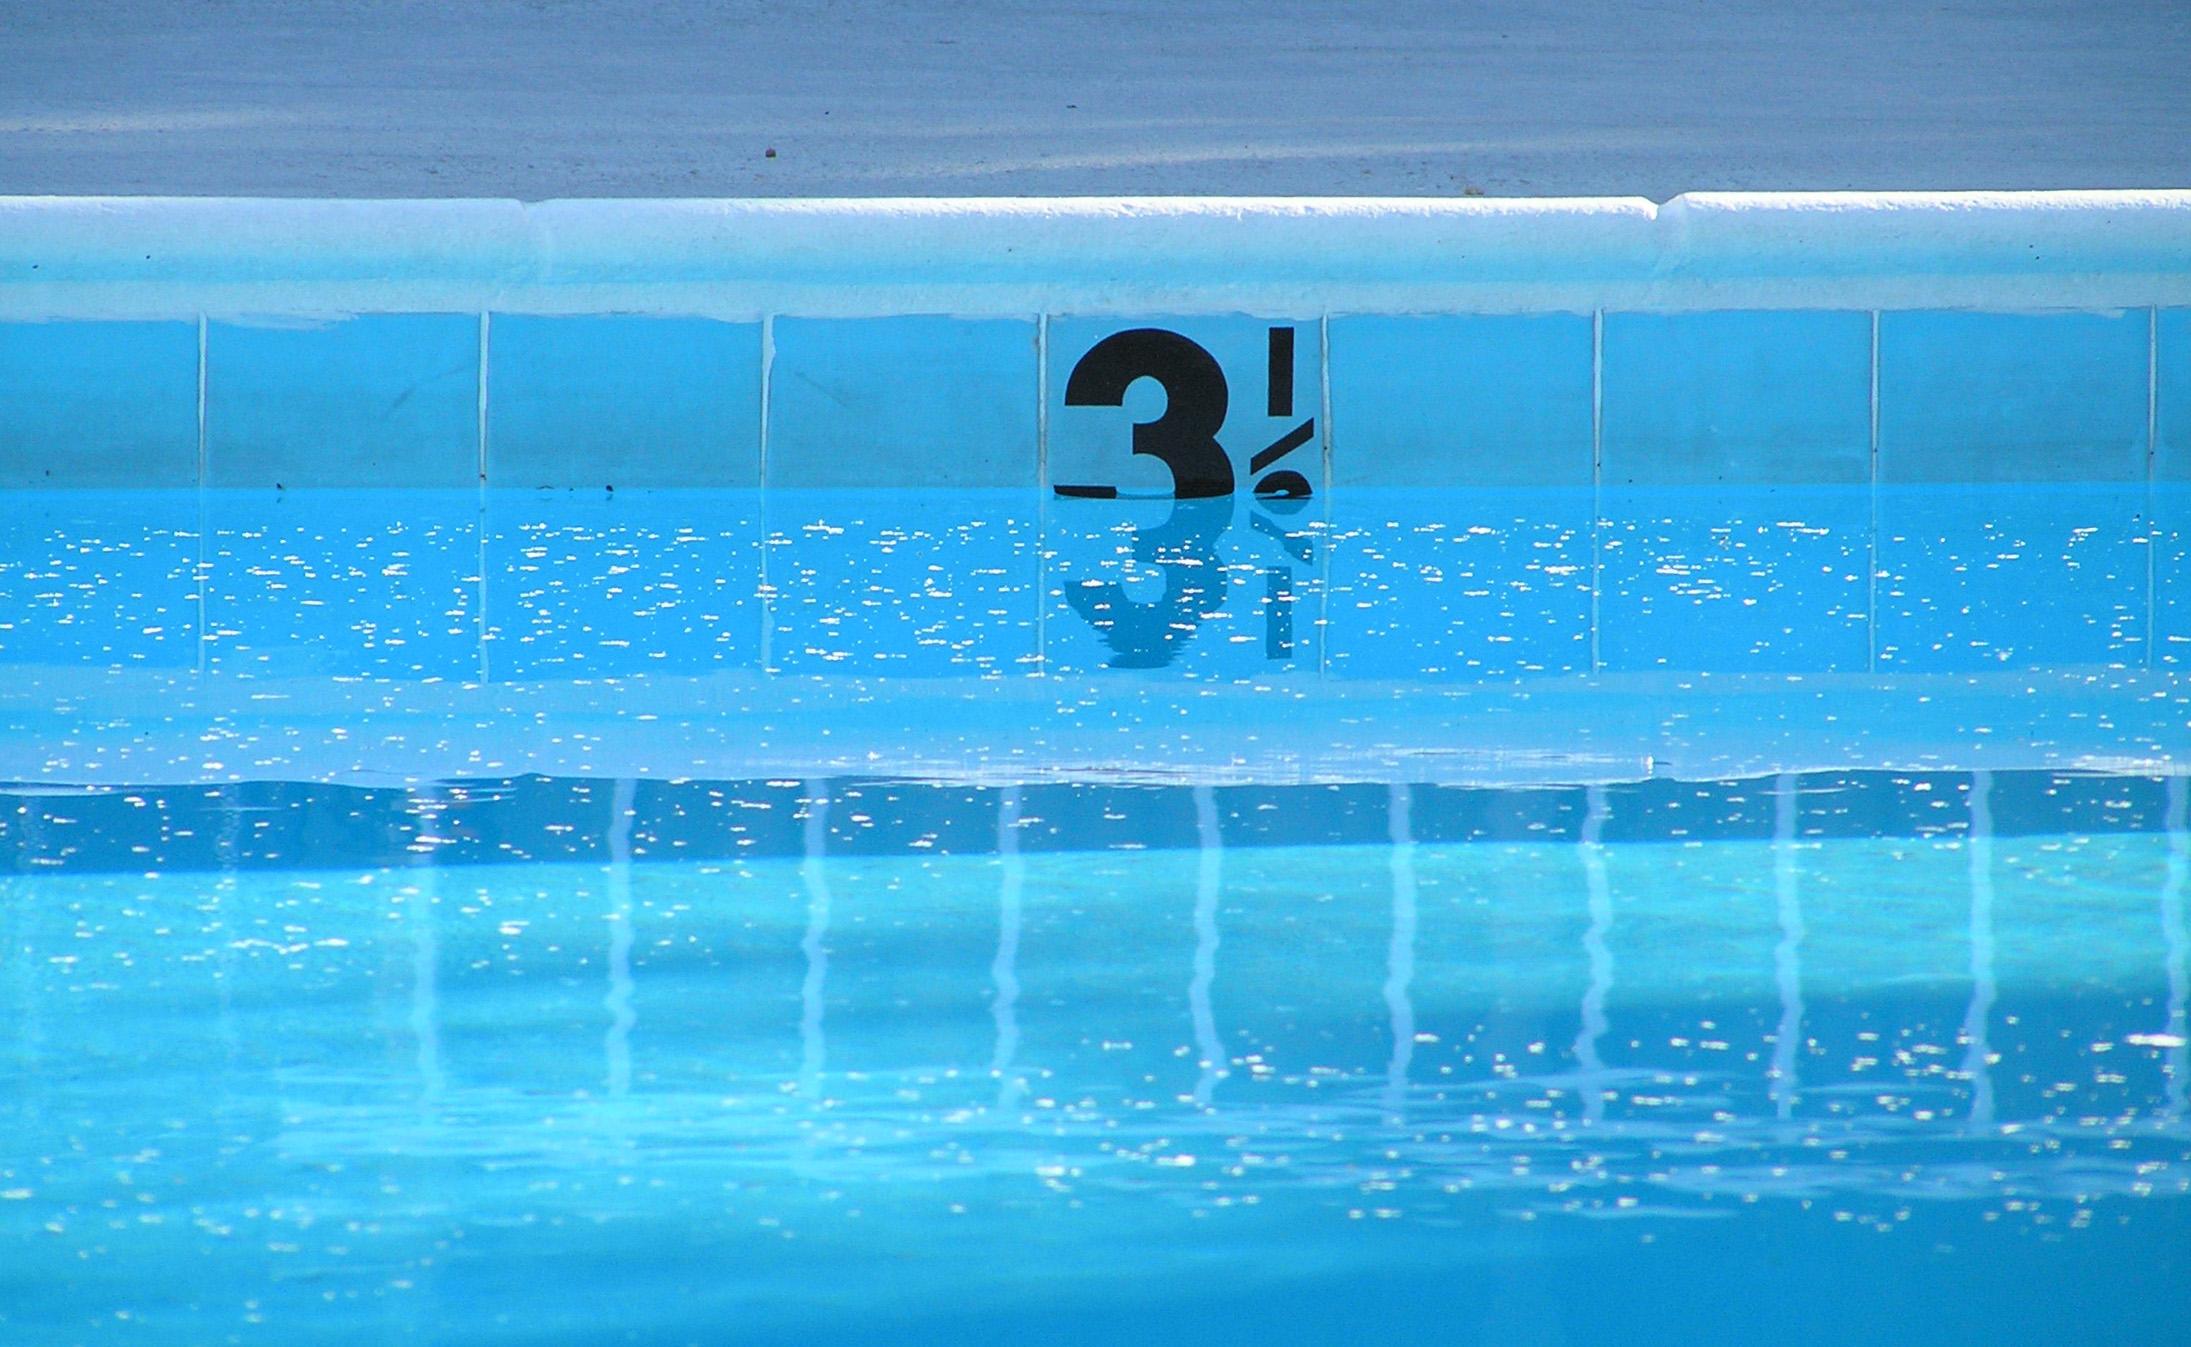 Profondit ideale della piscina e tipi di fondali - Piscina gonfiabile 2 metri ...